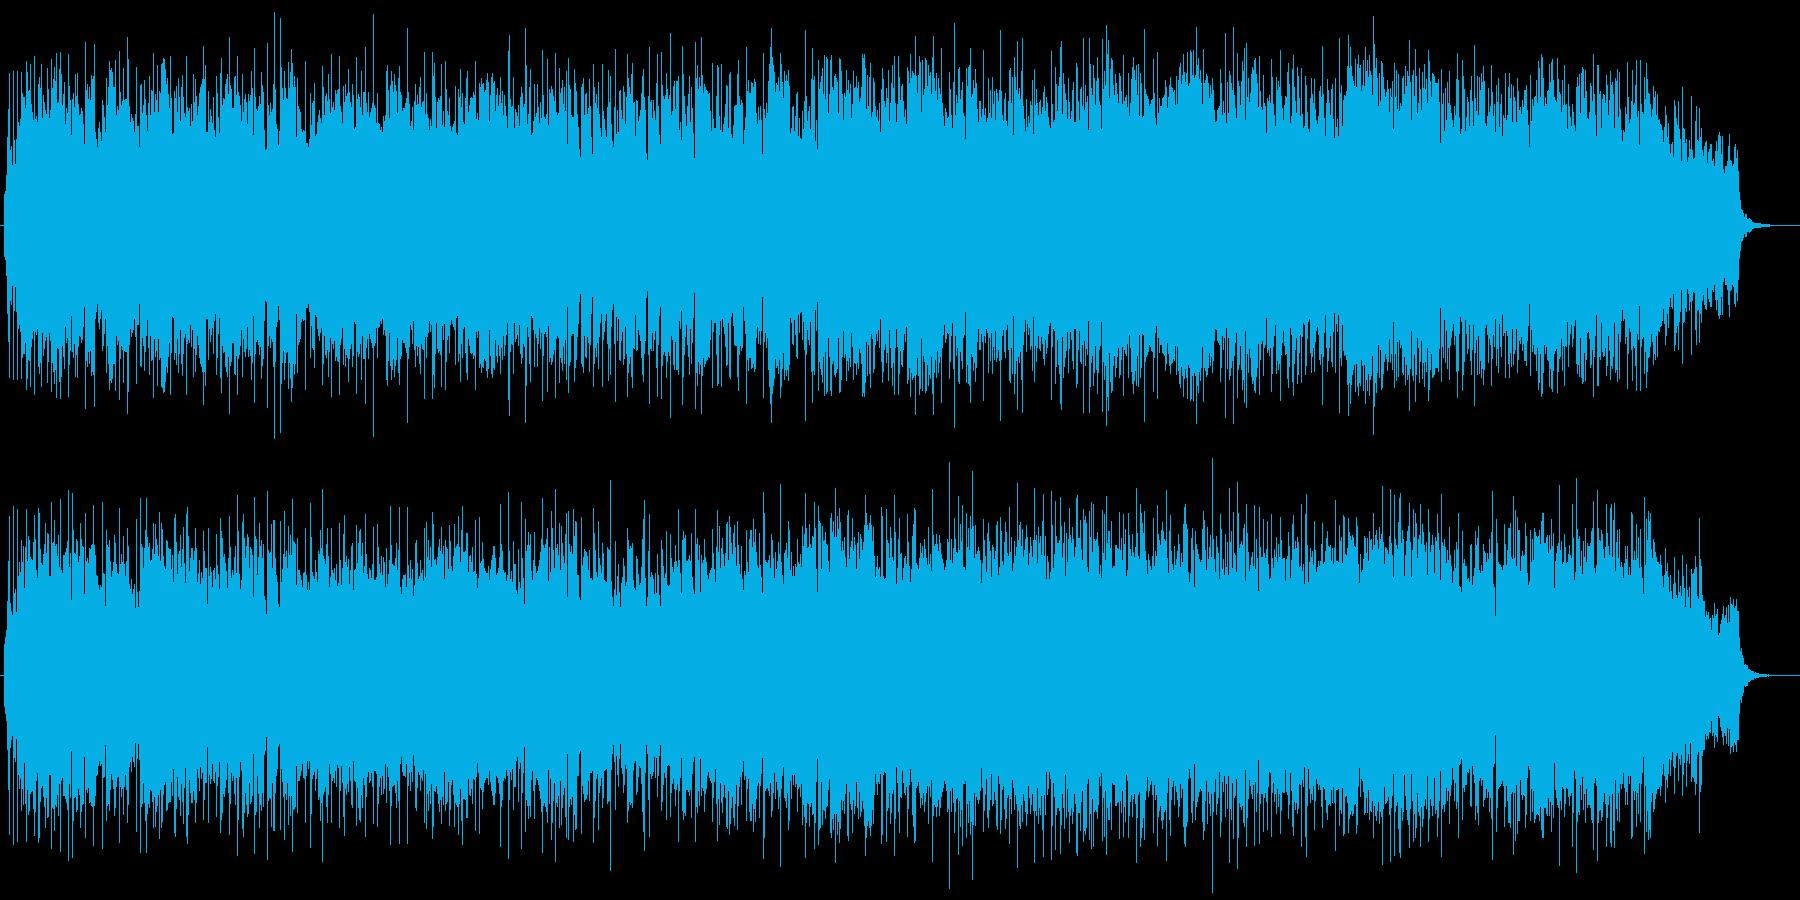 流れるバイオリンの心地よいBGMの再生済みの波形